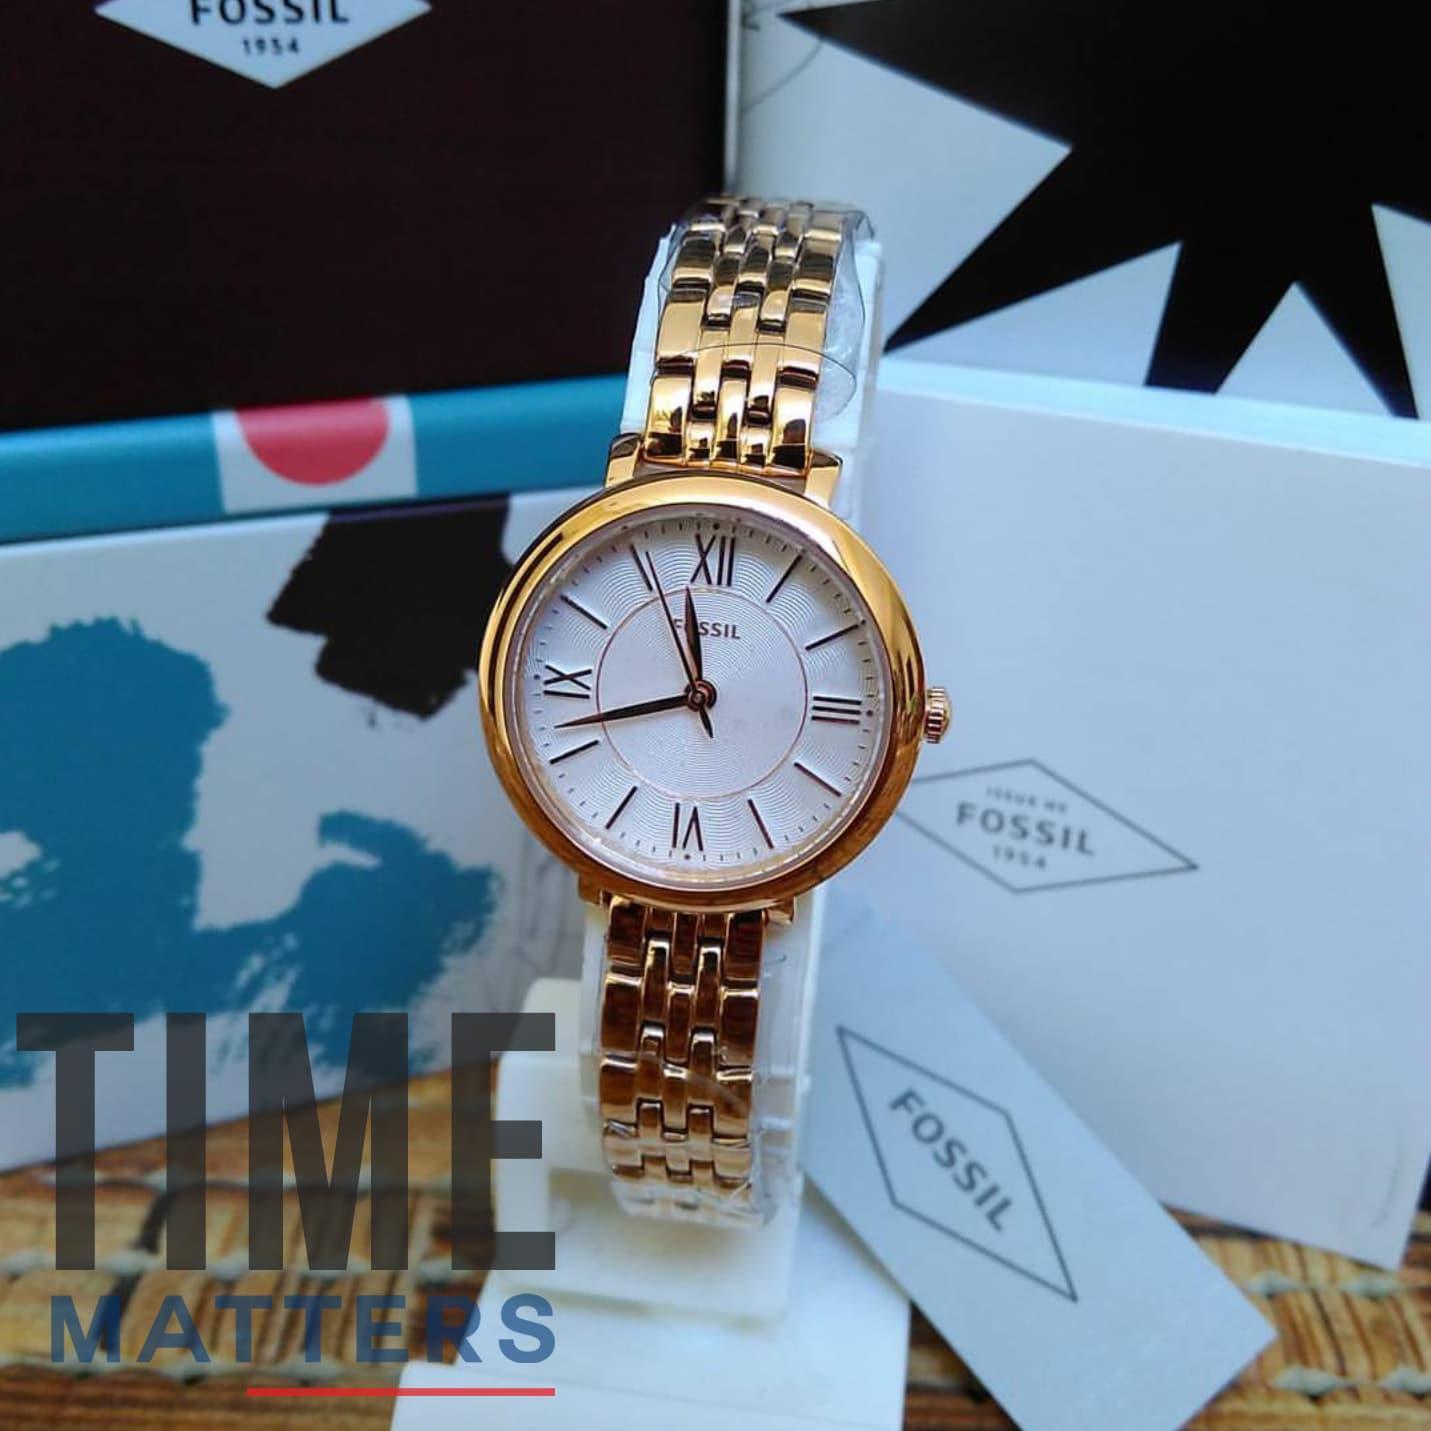 Jual Jam Tangan Wanita Fossil Es3799 Original Harga Rp 1610000 Heather White Leather Watch Es 3276